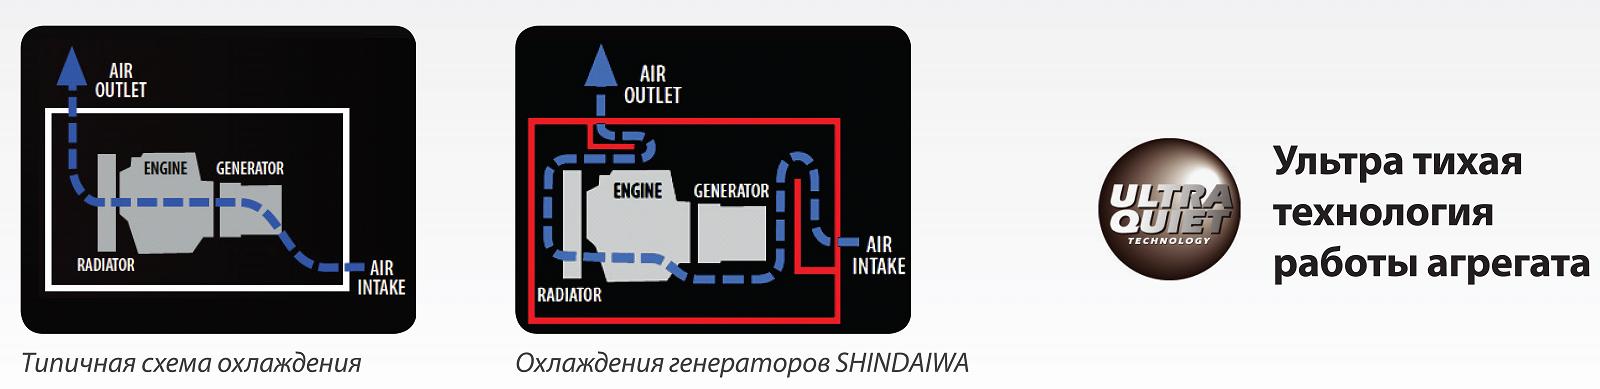 Сварочные агрегаты Shindaiwa (Япония)